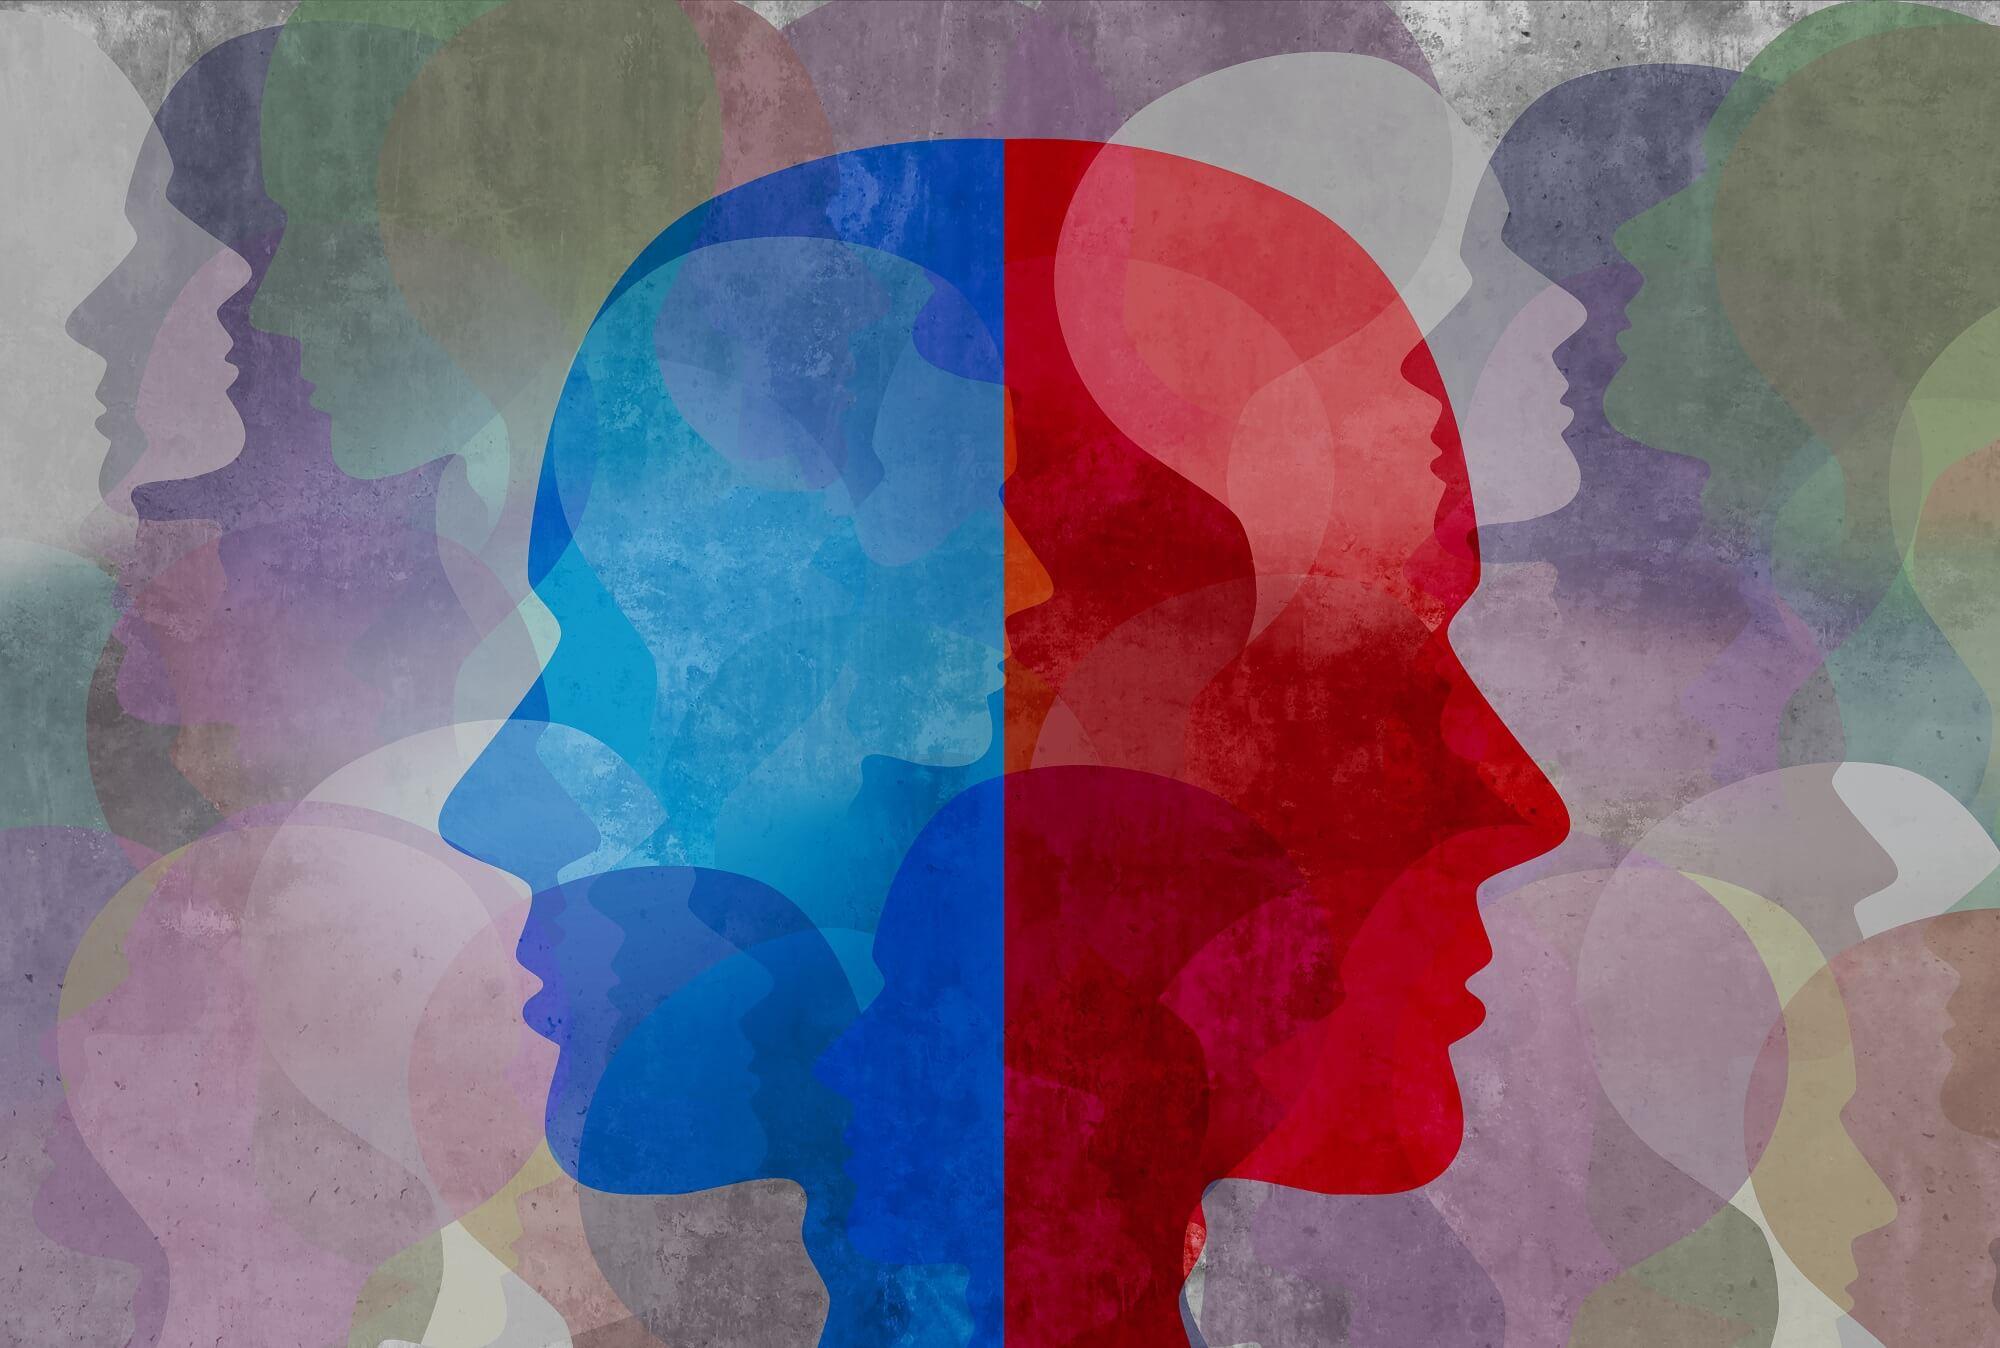 Tìm hiểu bệnh tâm thần phân liệt - 5